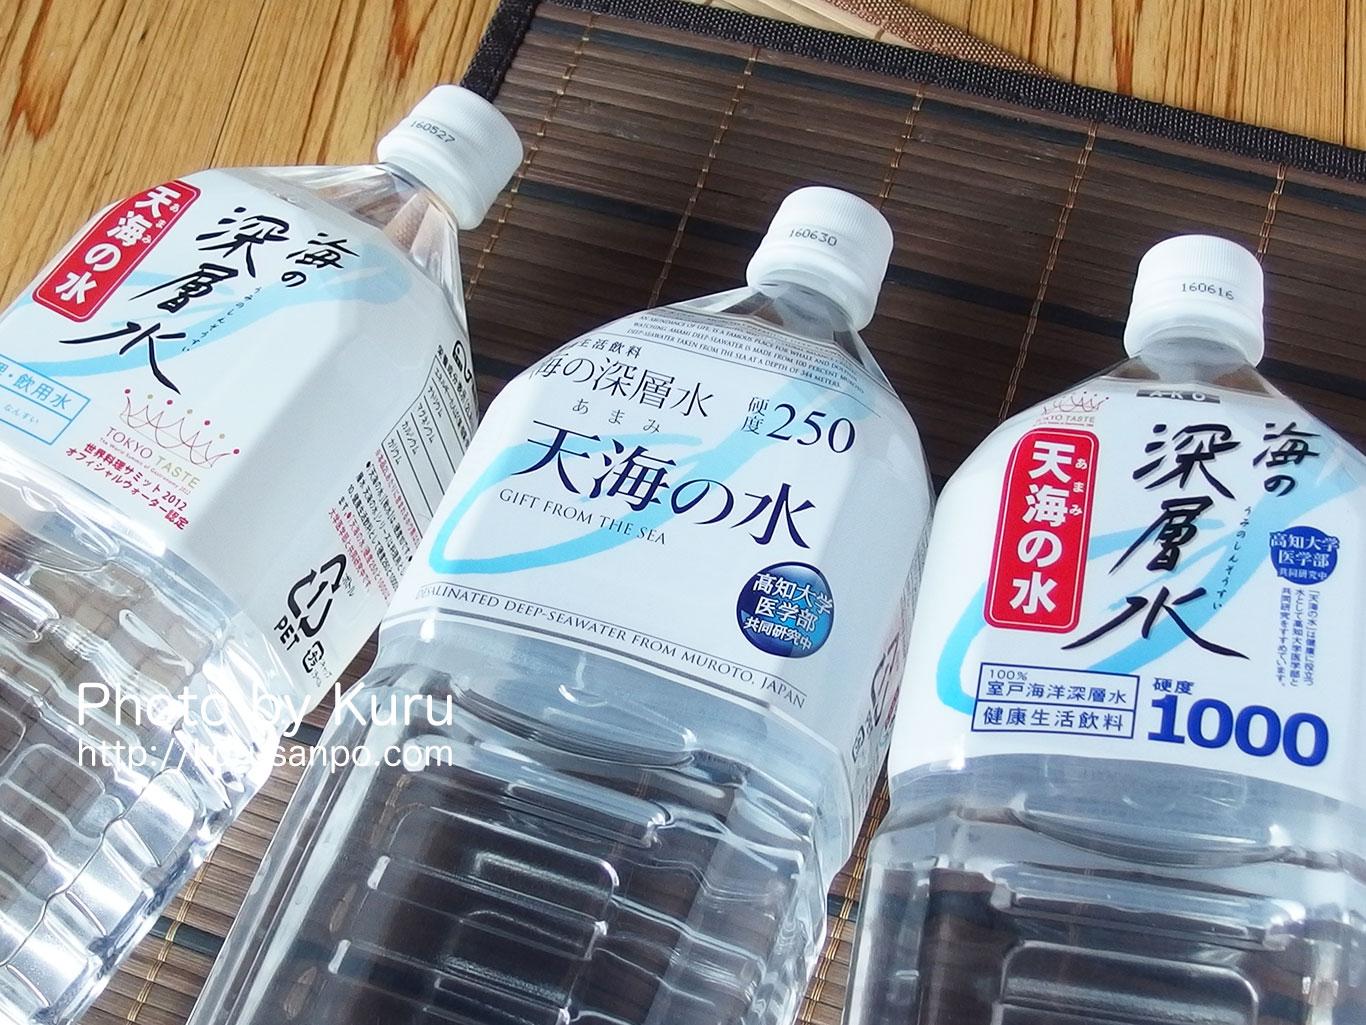 『海の深層水 天海の水』3種類の海洋深層水を飲み比べてみる!!